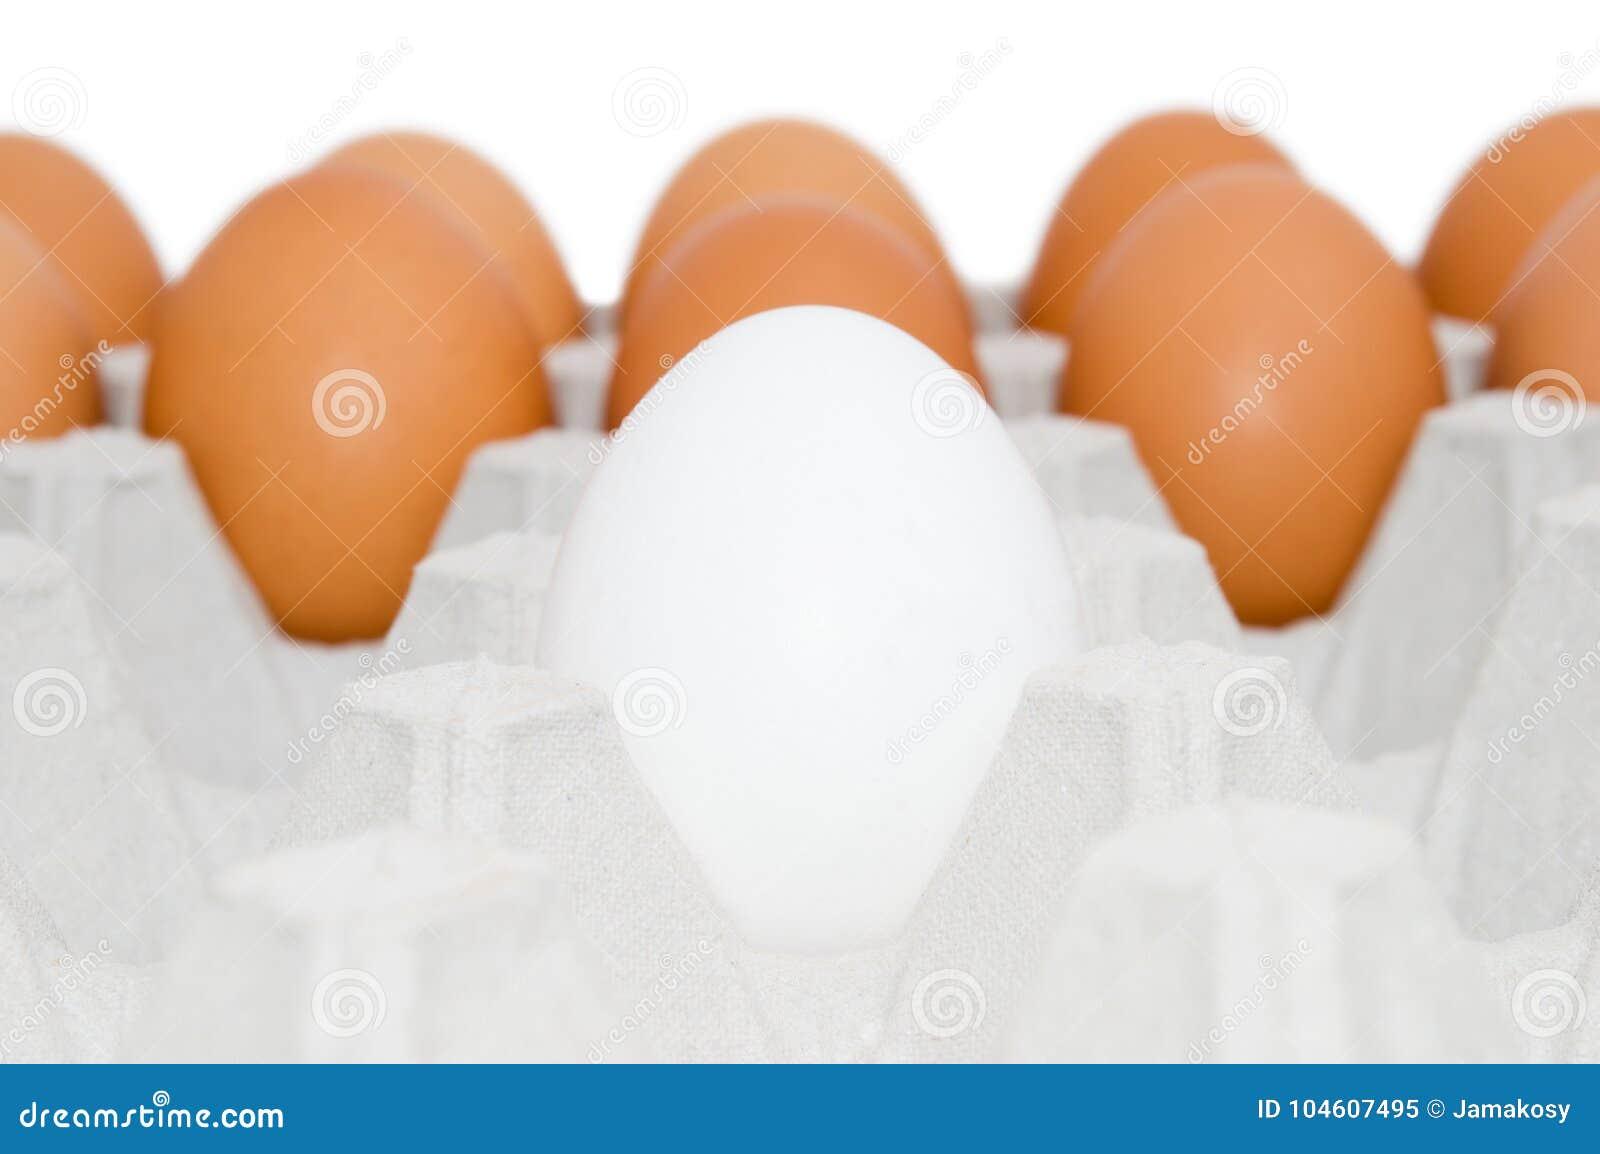 Яички в руке девушки, Русская красотка сжимает в руках мужские яйца и дает 19 фотография